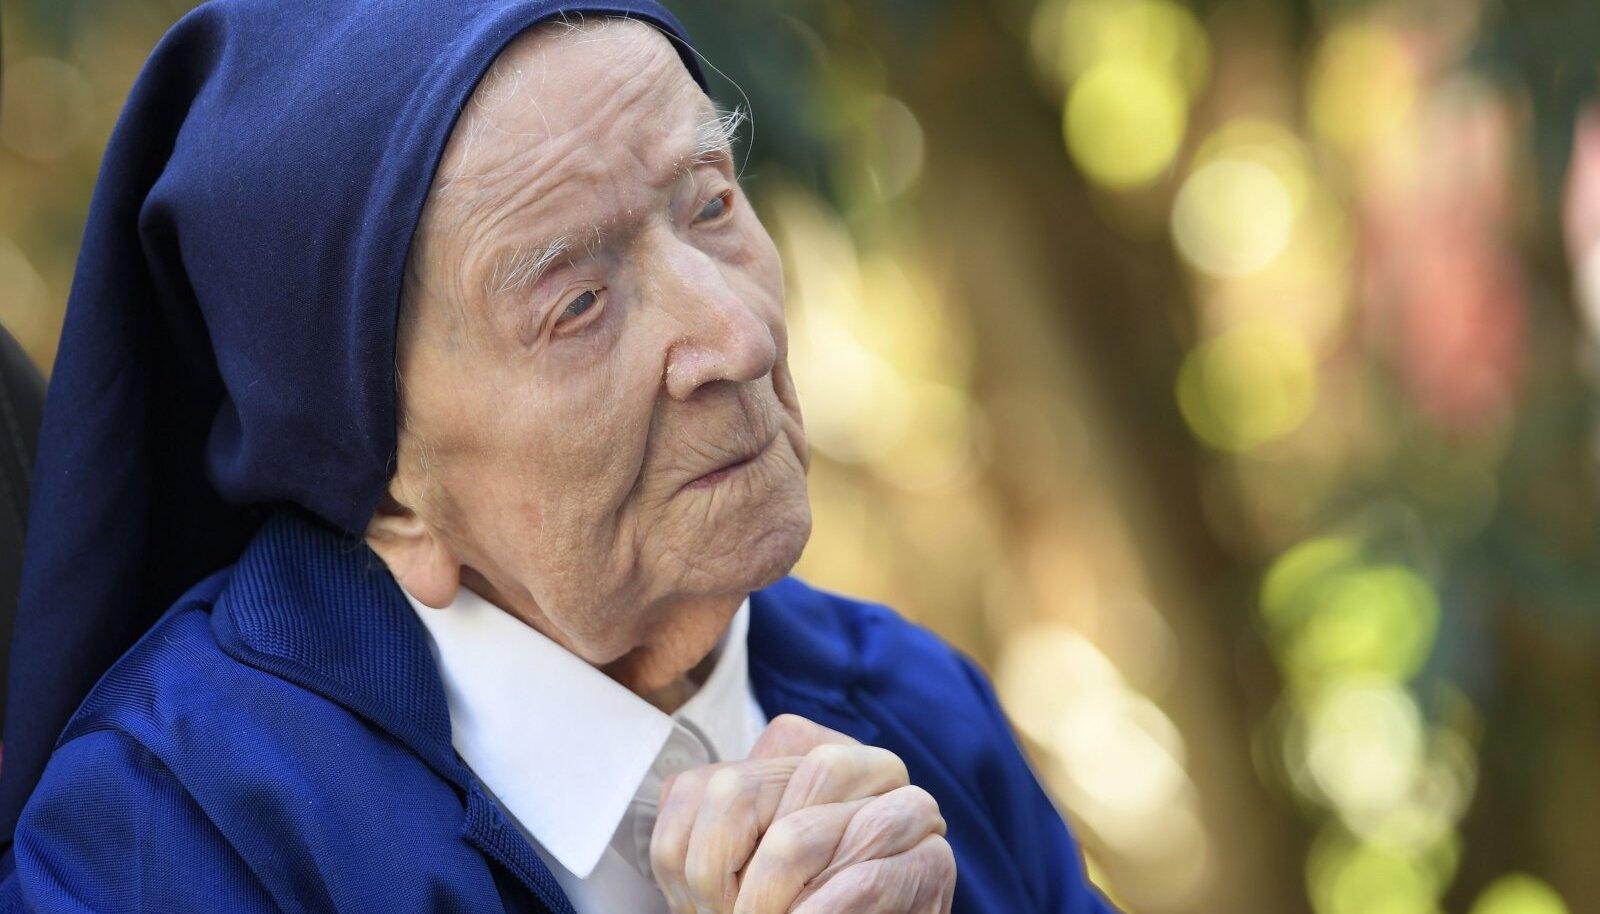 Сестра Андре говорит, что не боялась заболеть Covid-19